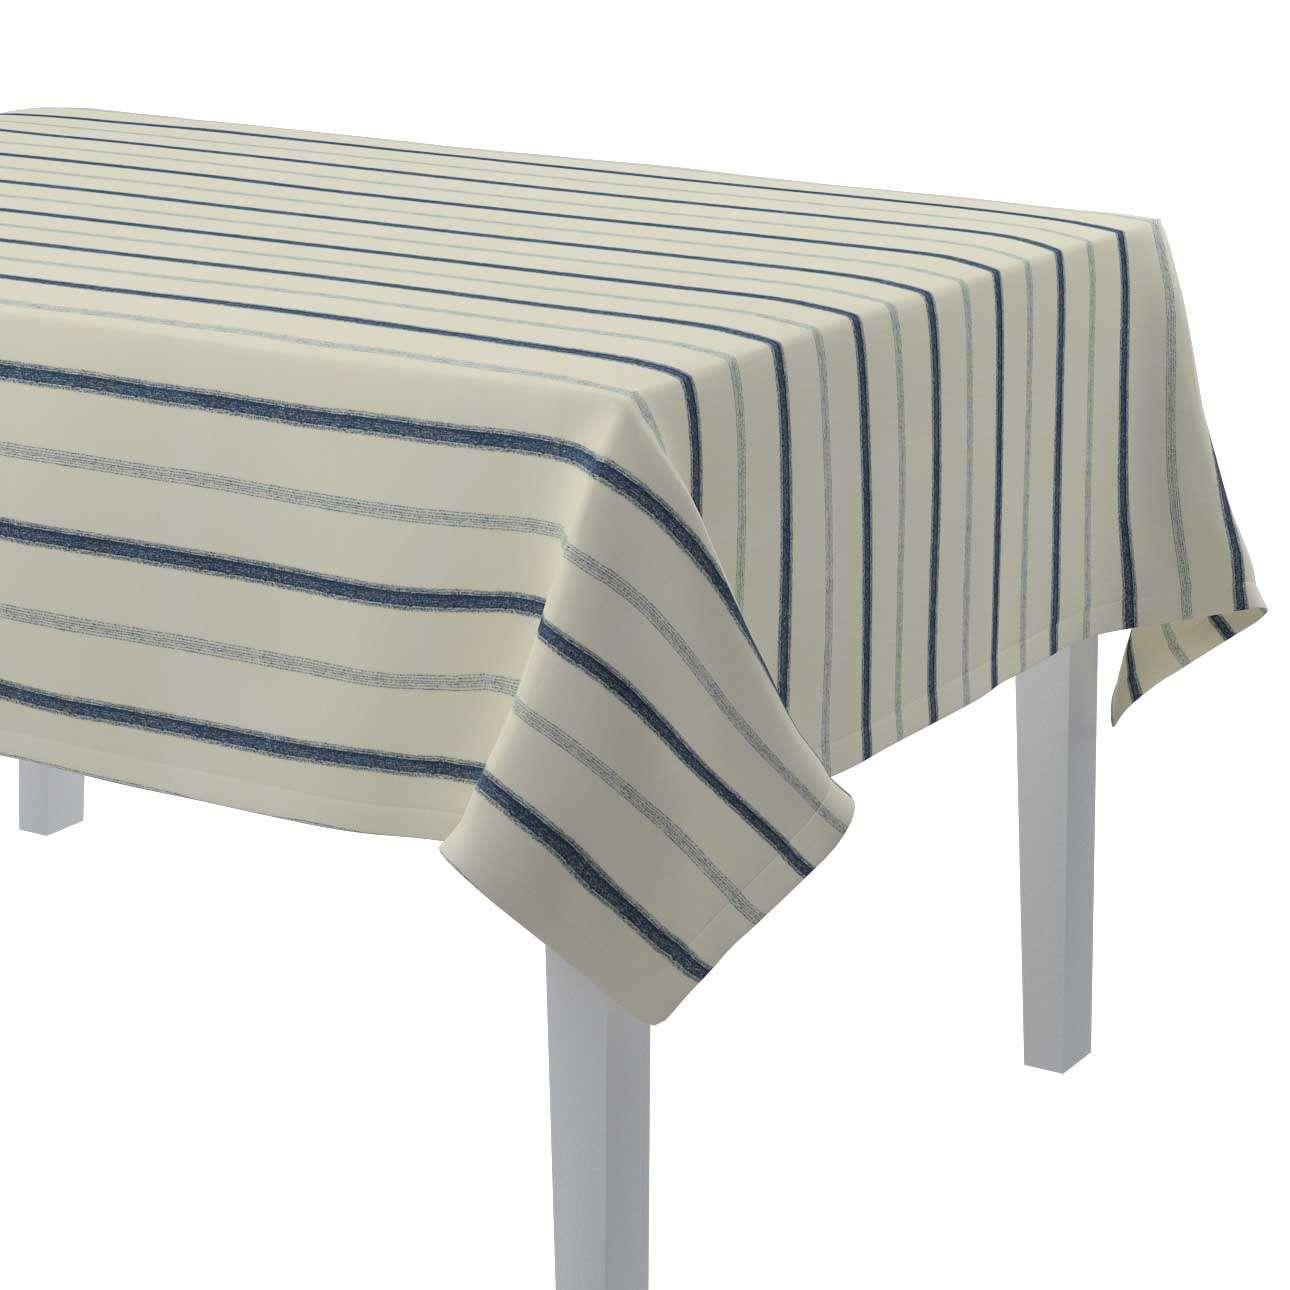 Rektangulär bordsduk  i kollektionen Avinon, Tyg: 129-66